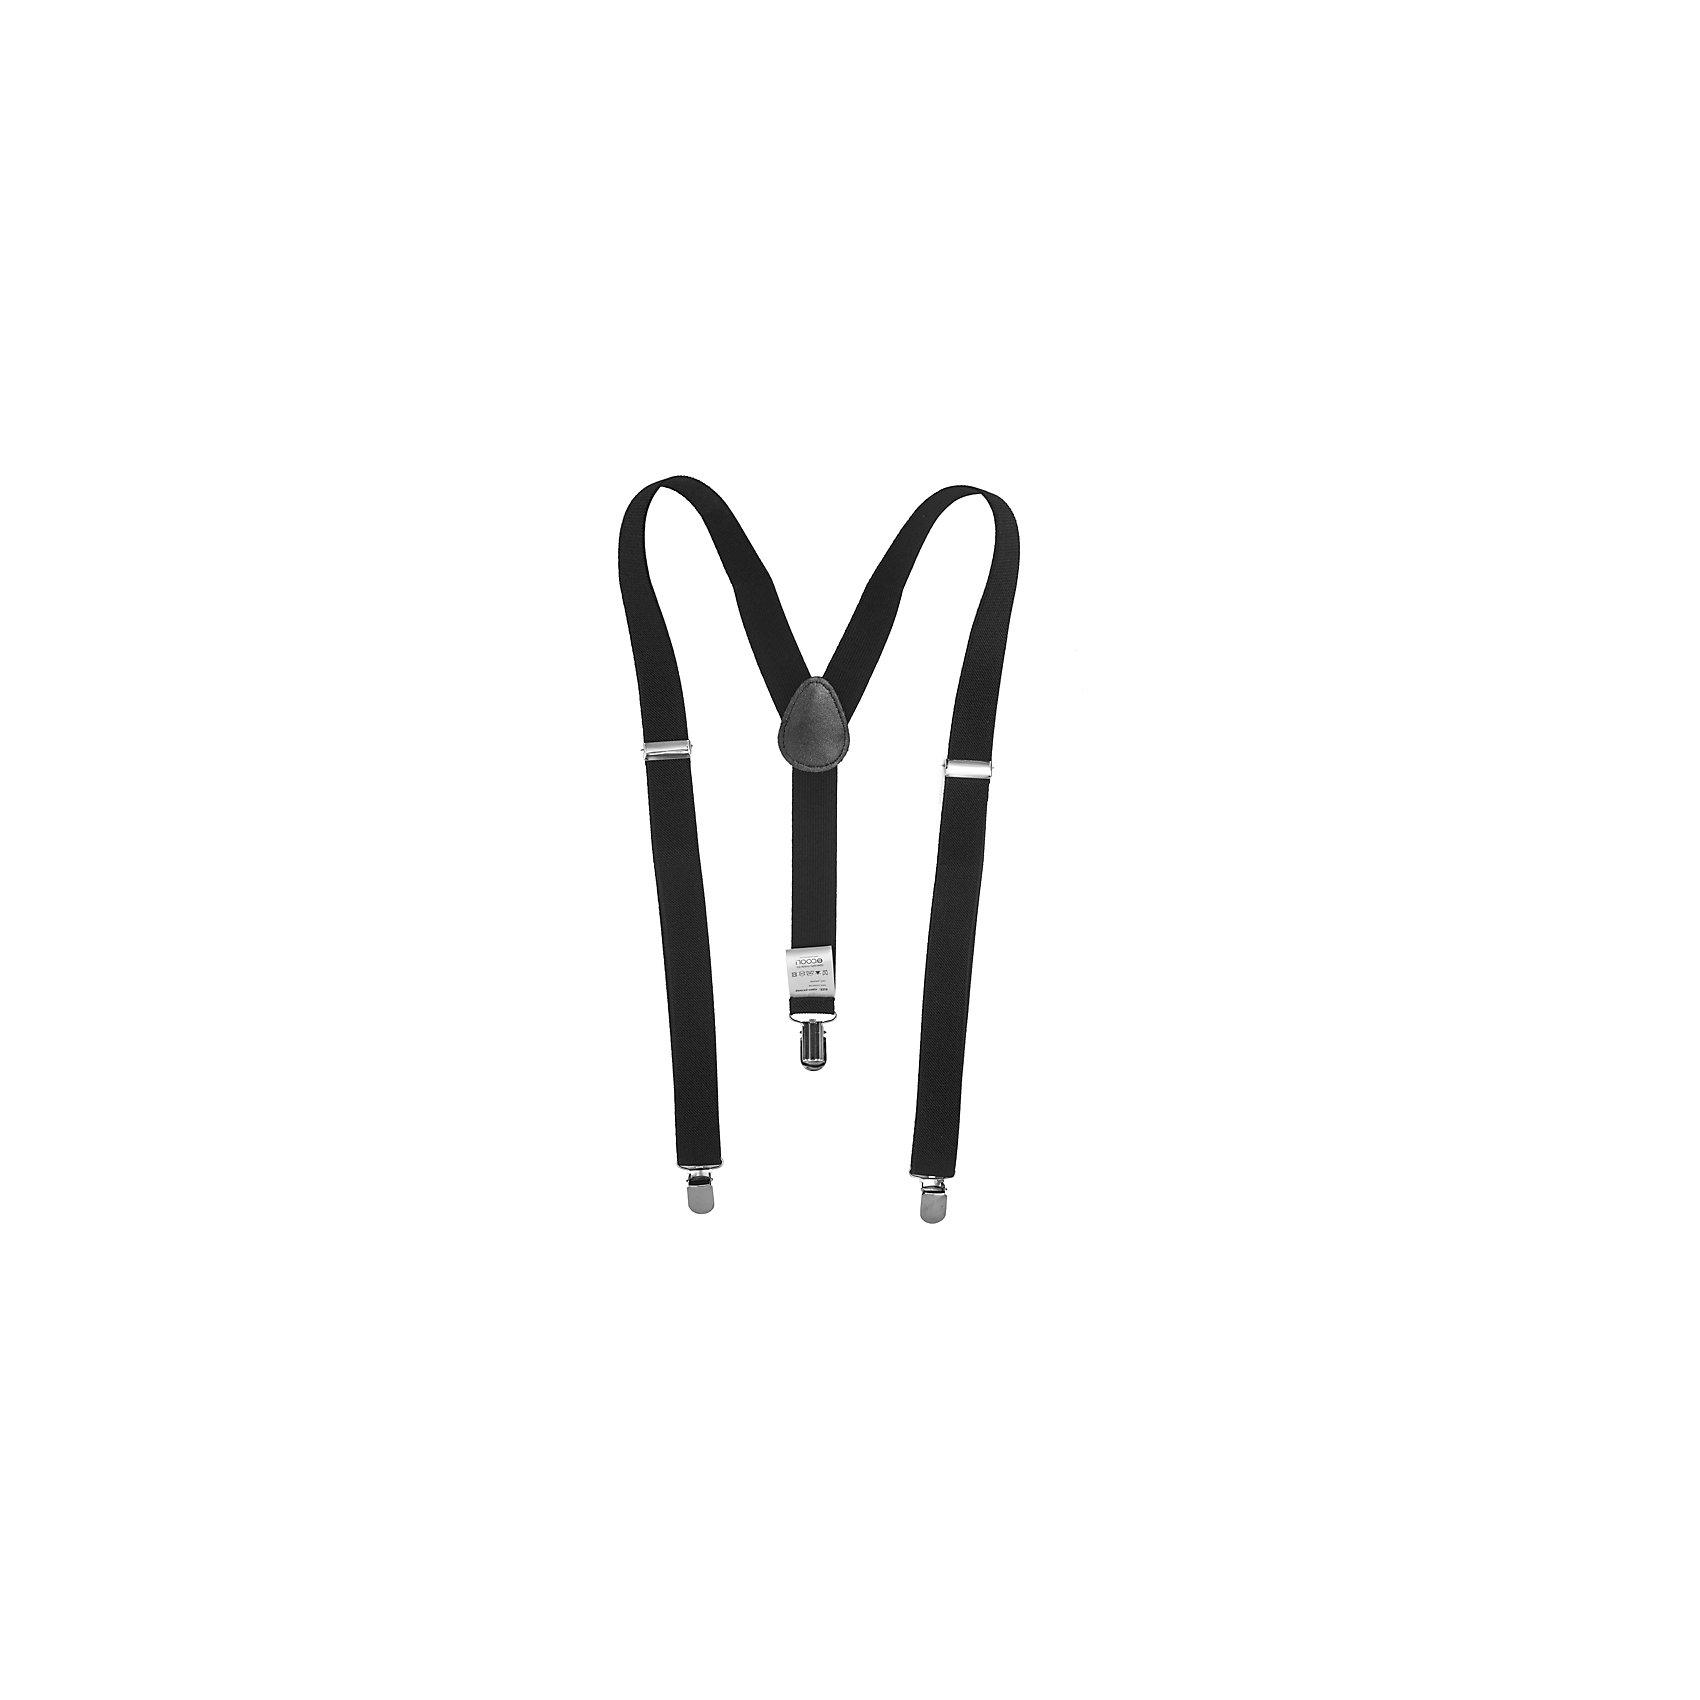 Подтяжки для мальчика ScoolАксессуары<br>Подтяжки для мальчика Scool<br>Подтяжки - незаменимая вещь в детском гардеробе. Удобные застежки - клипсы хорошо фиксируют подтяжки на одежде. Модель с регулируемыми бретелями.<br>Состав:<br>100% полиэстер<br><br>Ширина мм: 170<br>Глубина мм: 157<br>Высота мм: 67<br>Вес г: 117<br>Цвет: черный<br>Возраст от месяцев: 60<br>Возраст до месяцев: 132<br>Пол: Мужской<br>Возраст: Детский<br>Размер: one size<br>SKU: 6754549